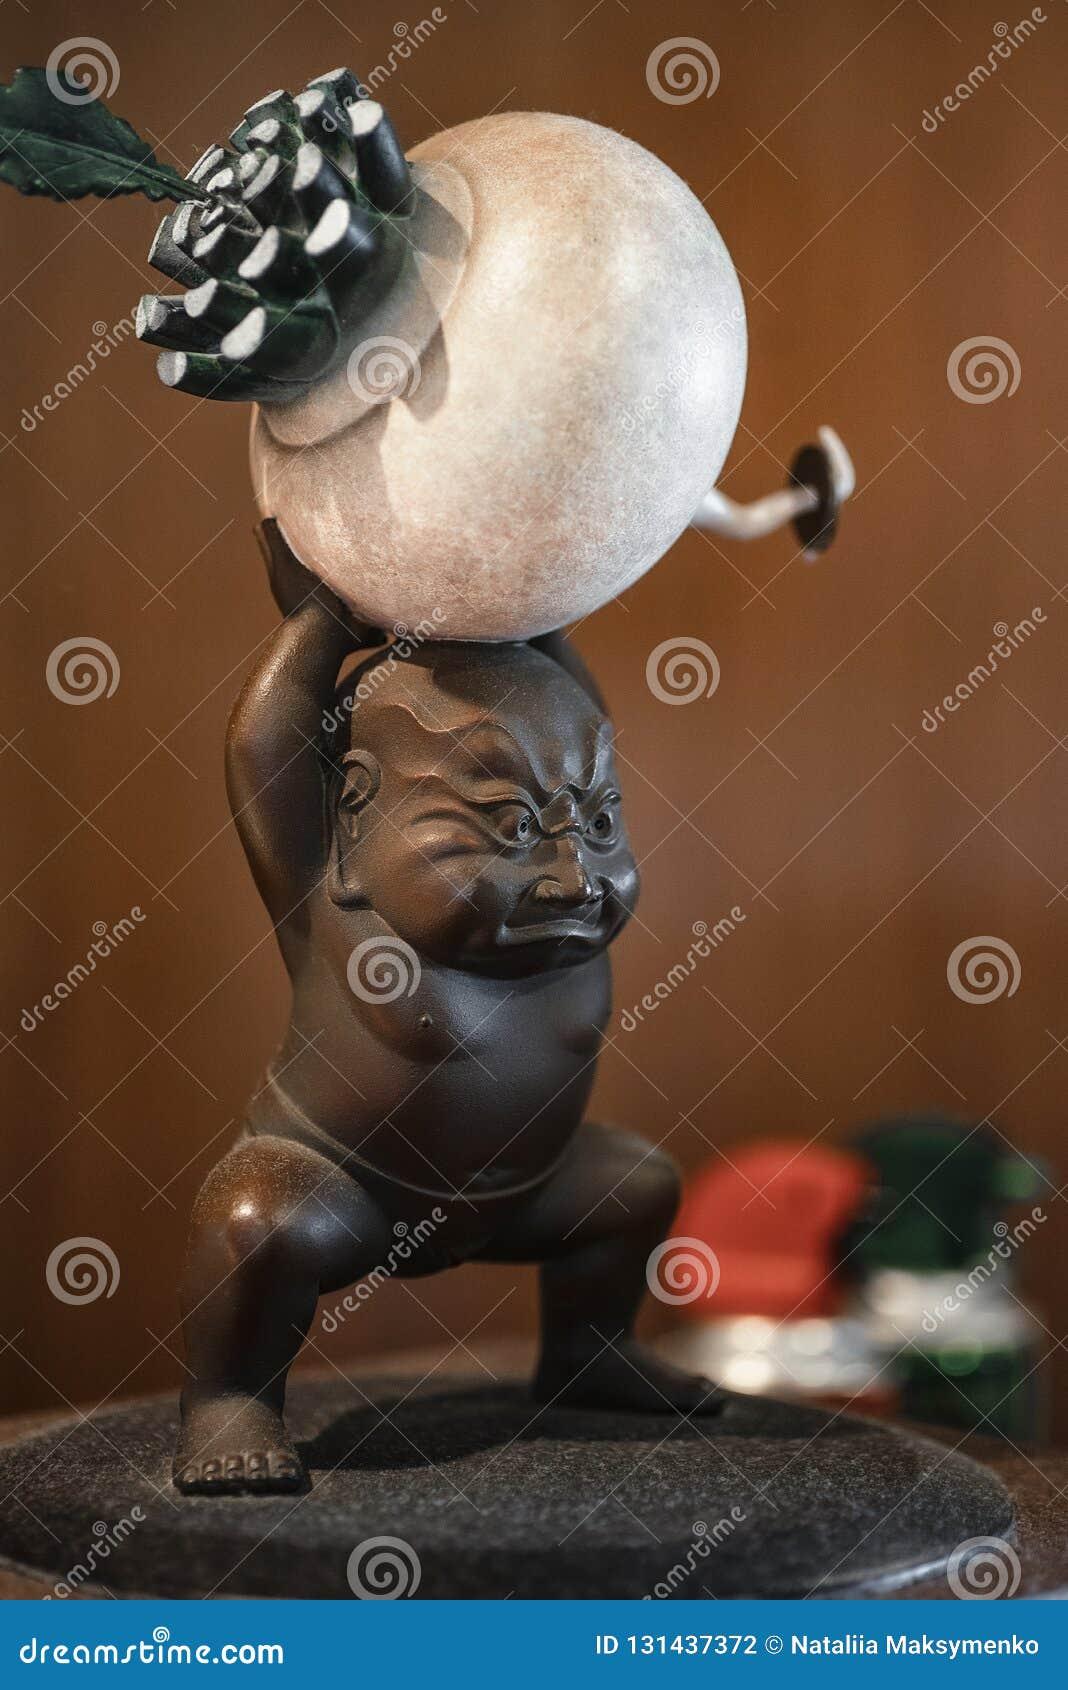 Símbolo cerâmico japonês da estatueta Estatueta cerâmica japonesa de um homem com um rabanete A lembrança da estatueta Fundo